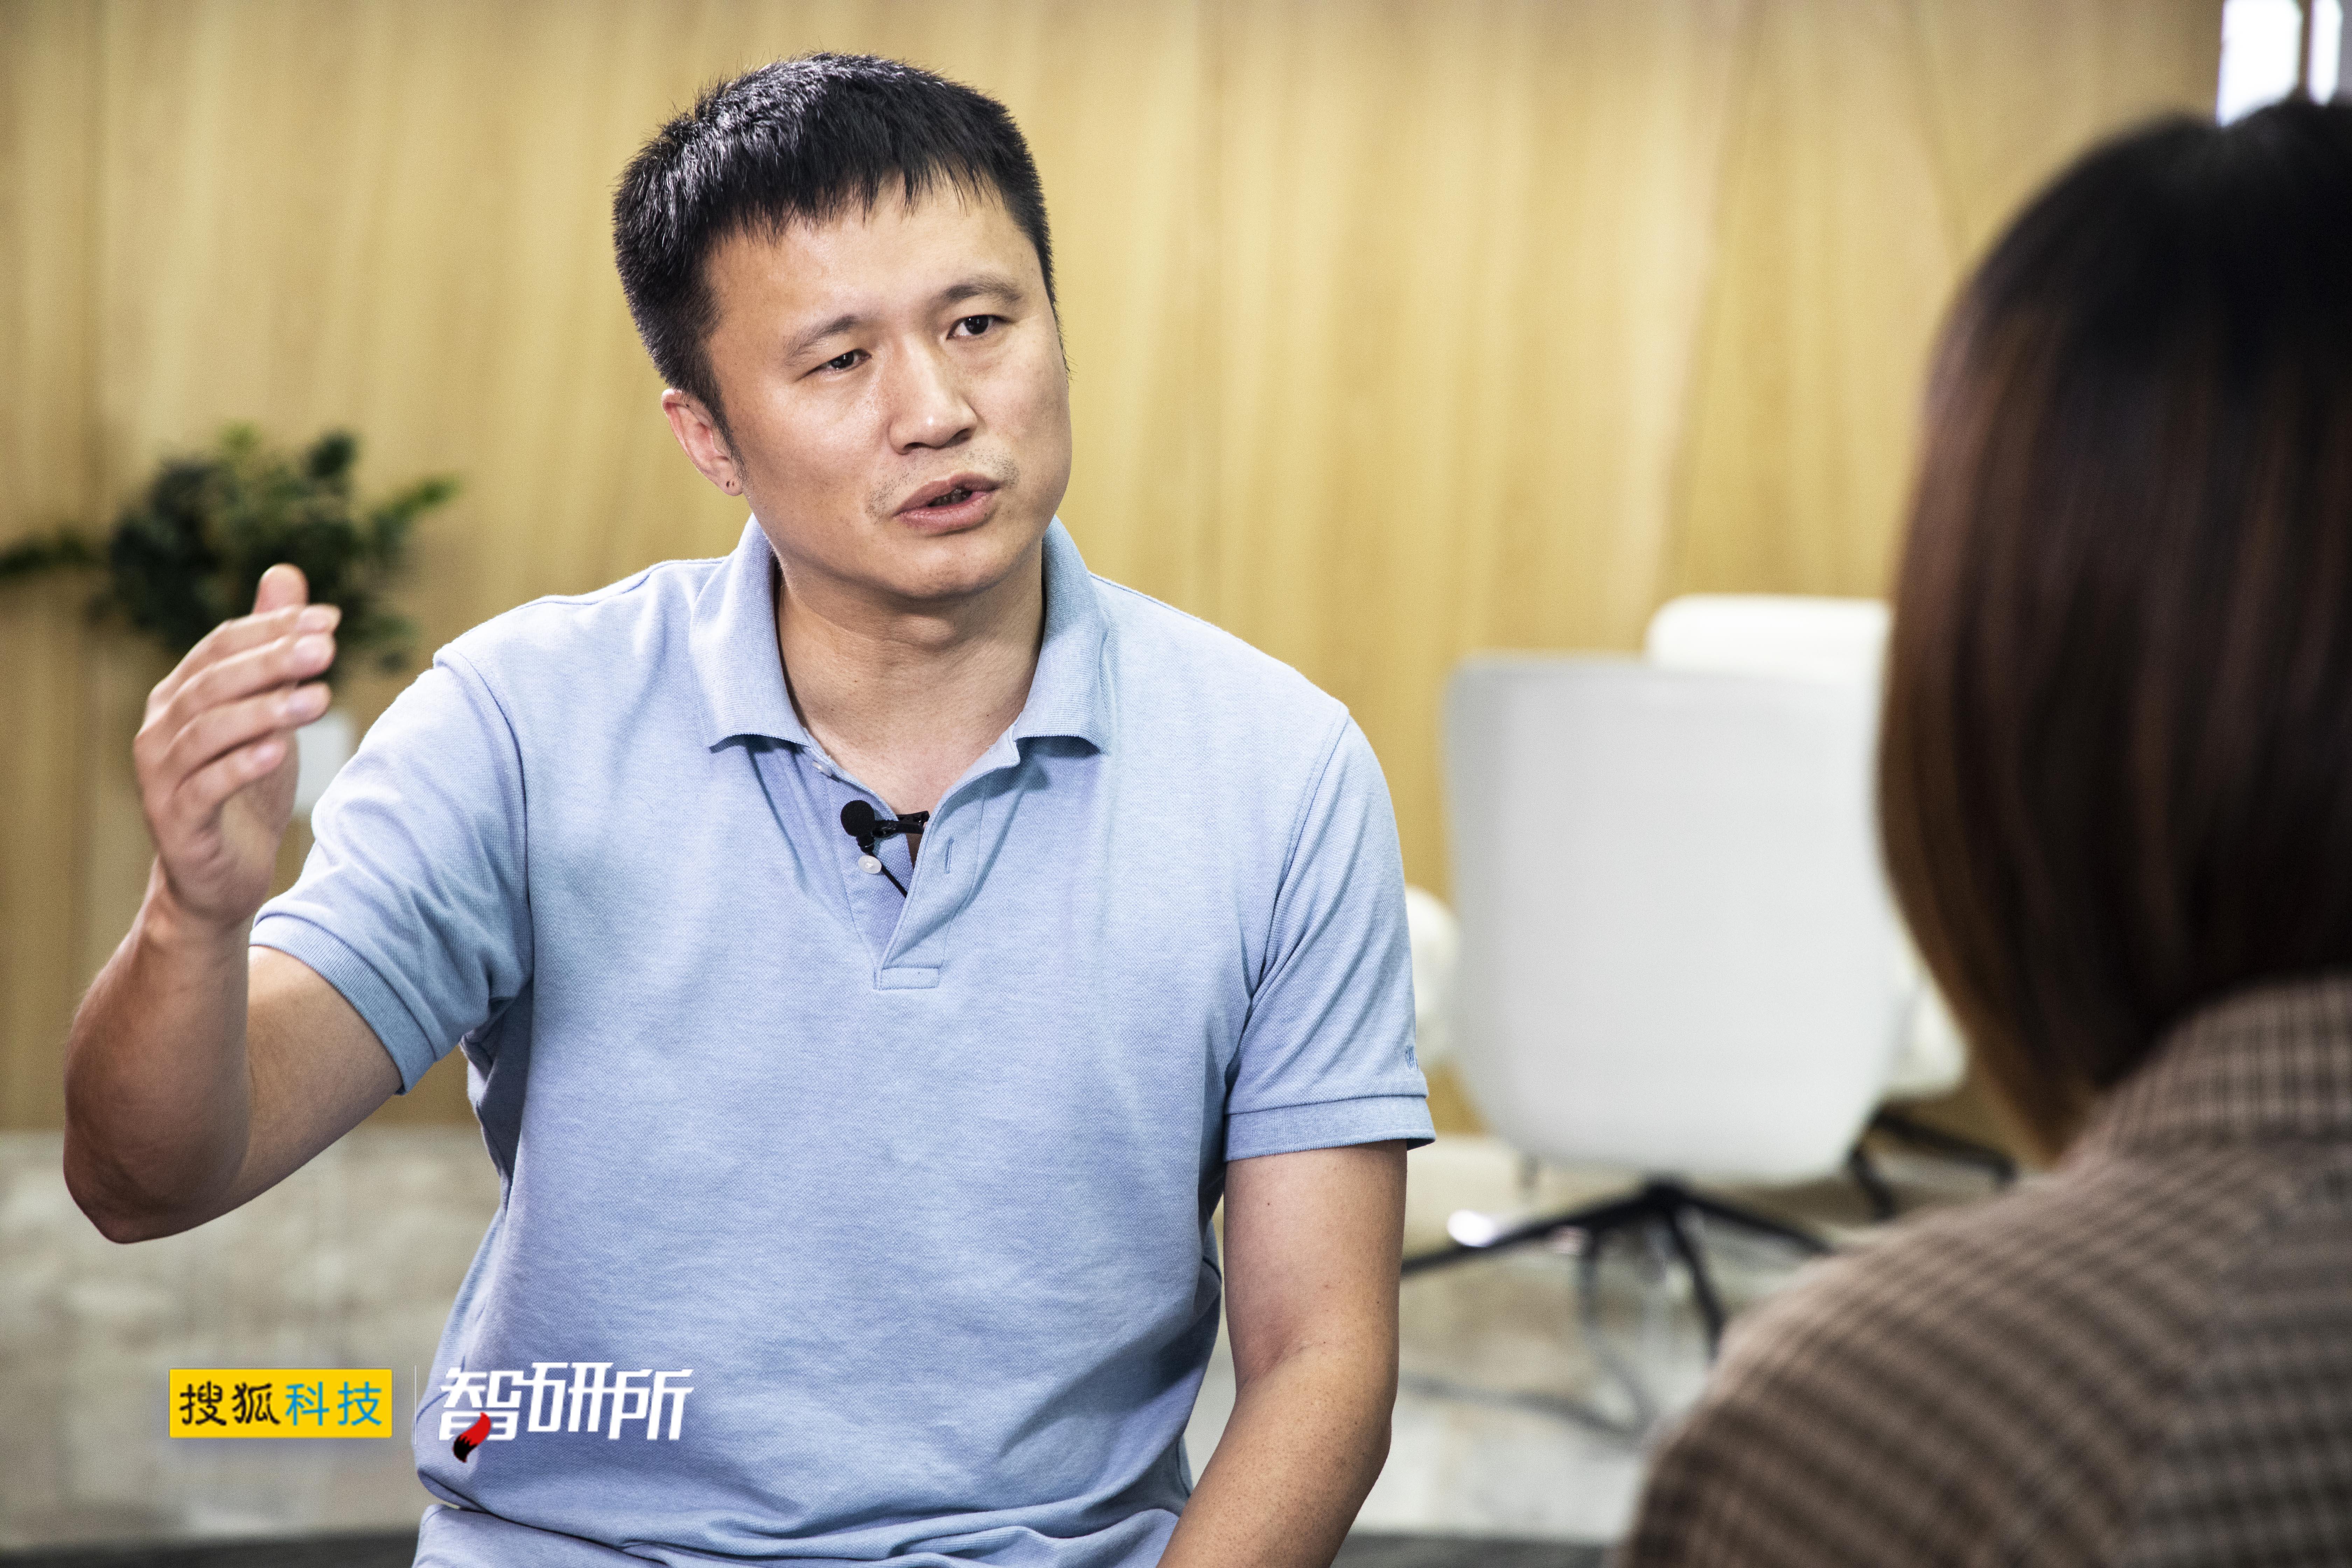 小猪CEO陈驰:我什么时候变得极其有信心?我妈妈做房东的那天